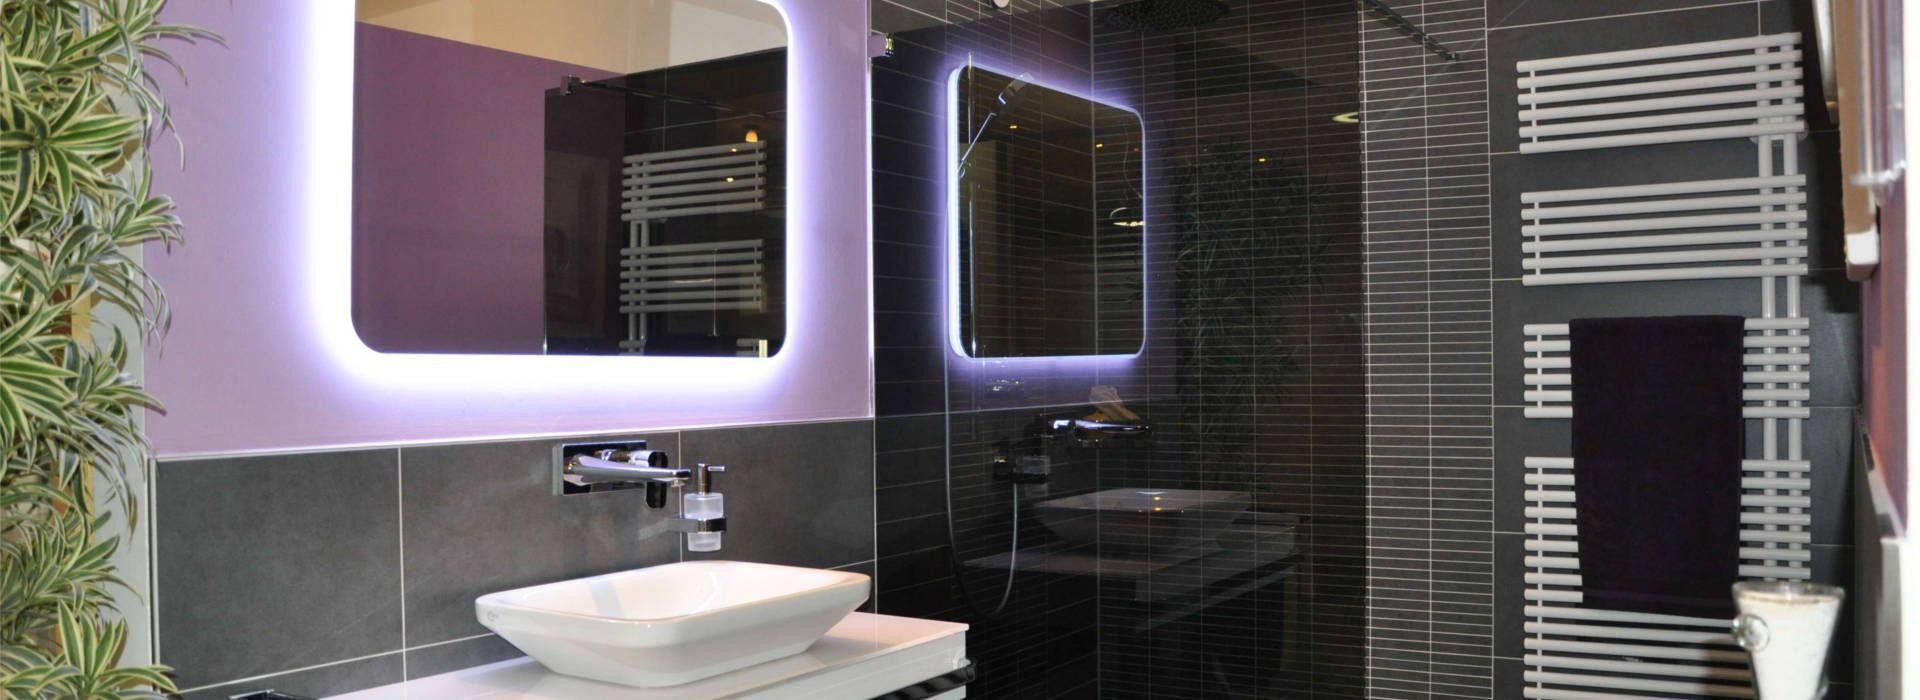 Bad und sanitär  Bad & Sanitär Ausstellung des Fachhandel in Pfaffenhofen